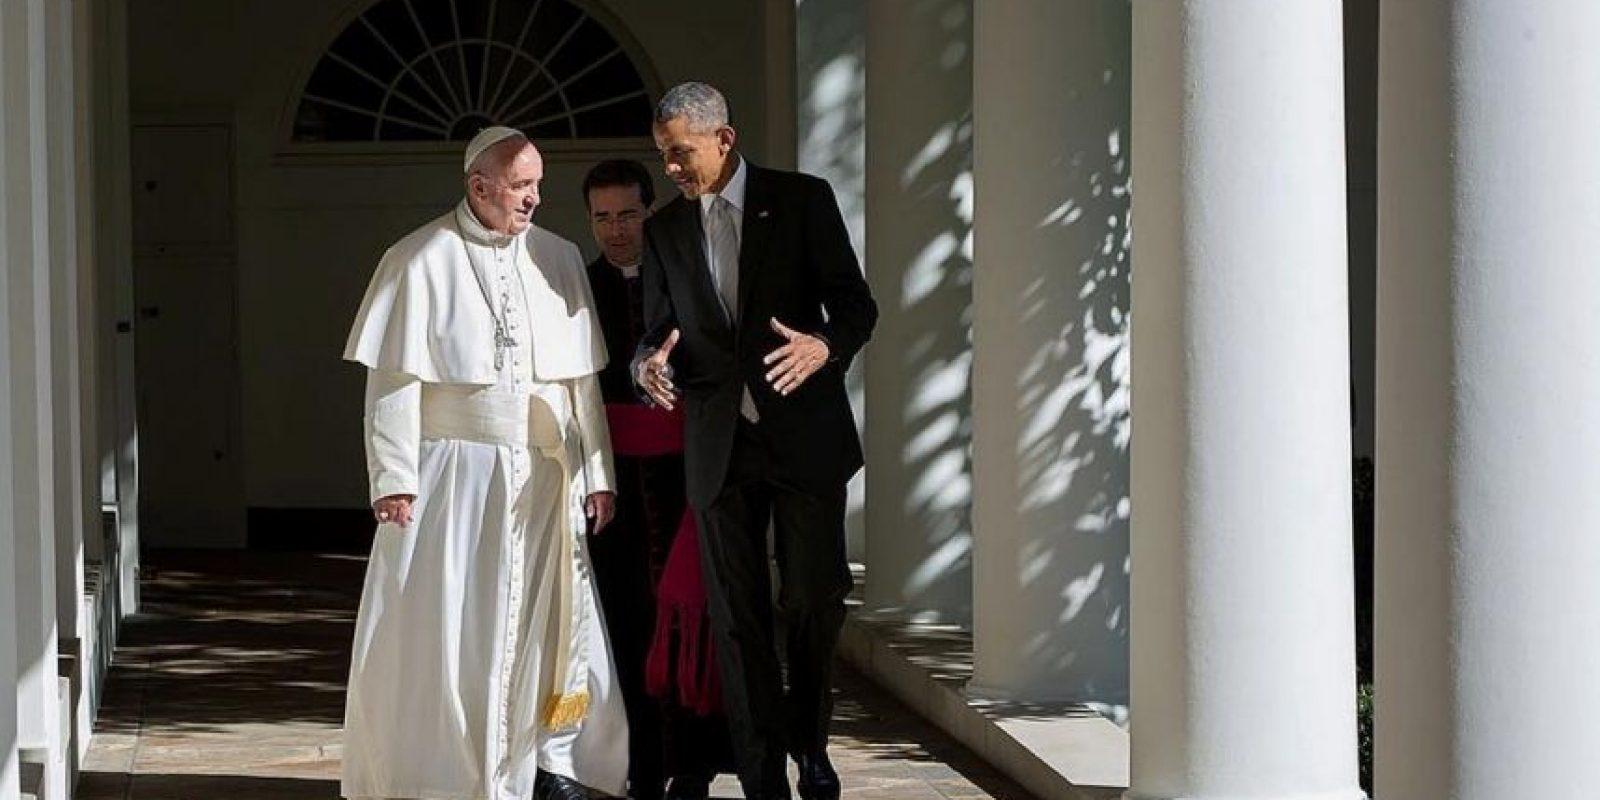 Con el Papa Francisco en la Casa Blanca, durante una charla privada Foto:instagram.com/petesouza/